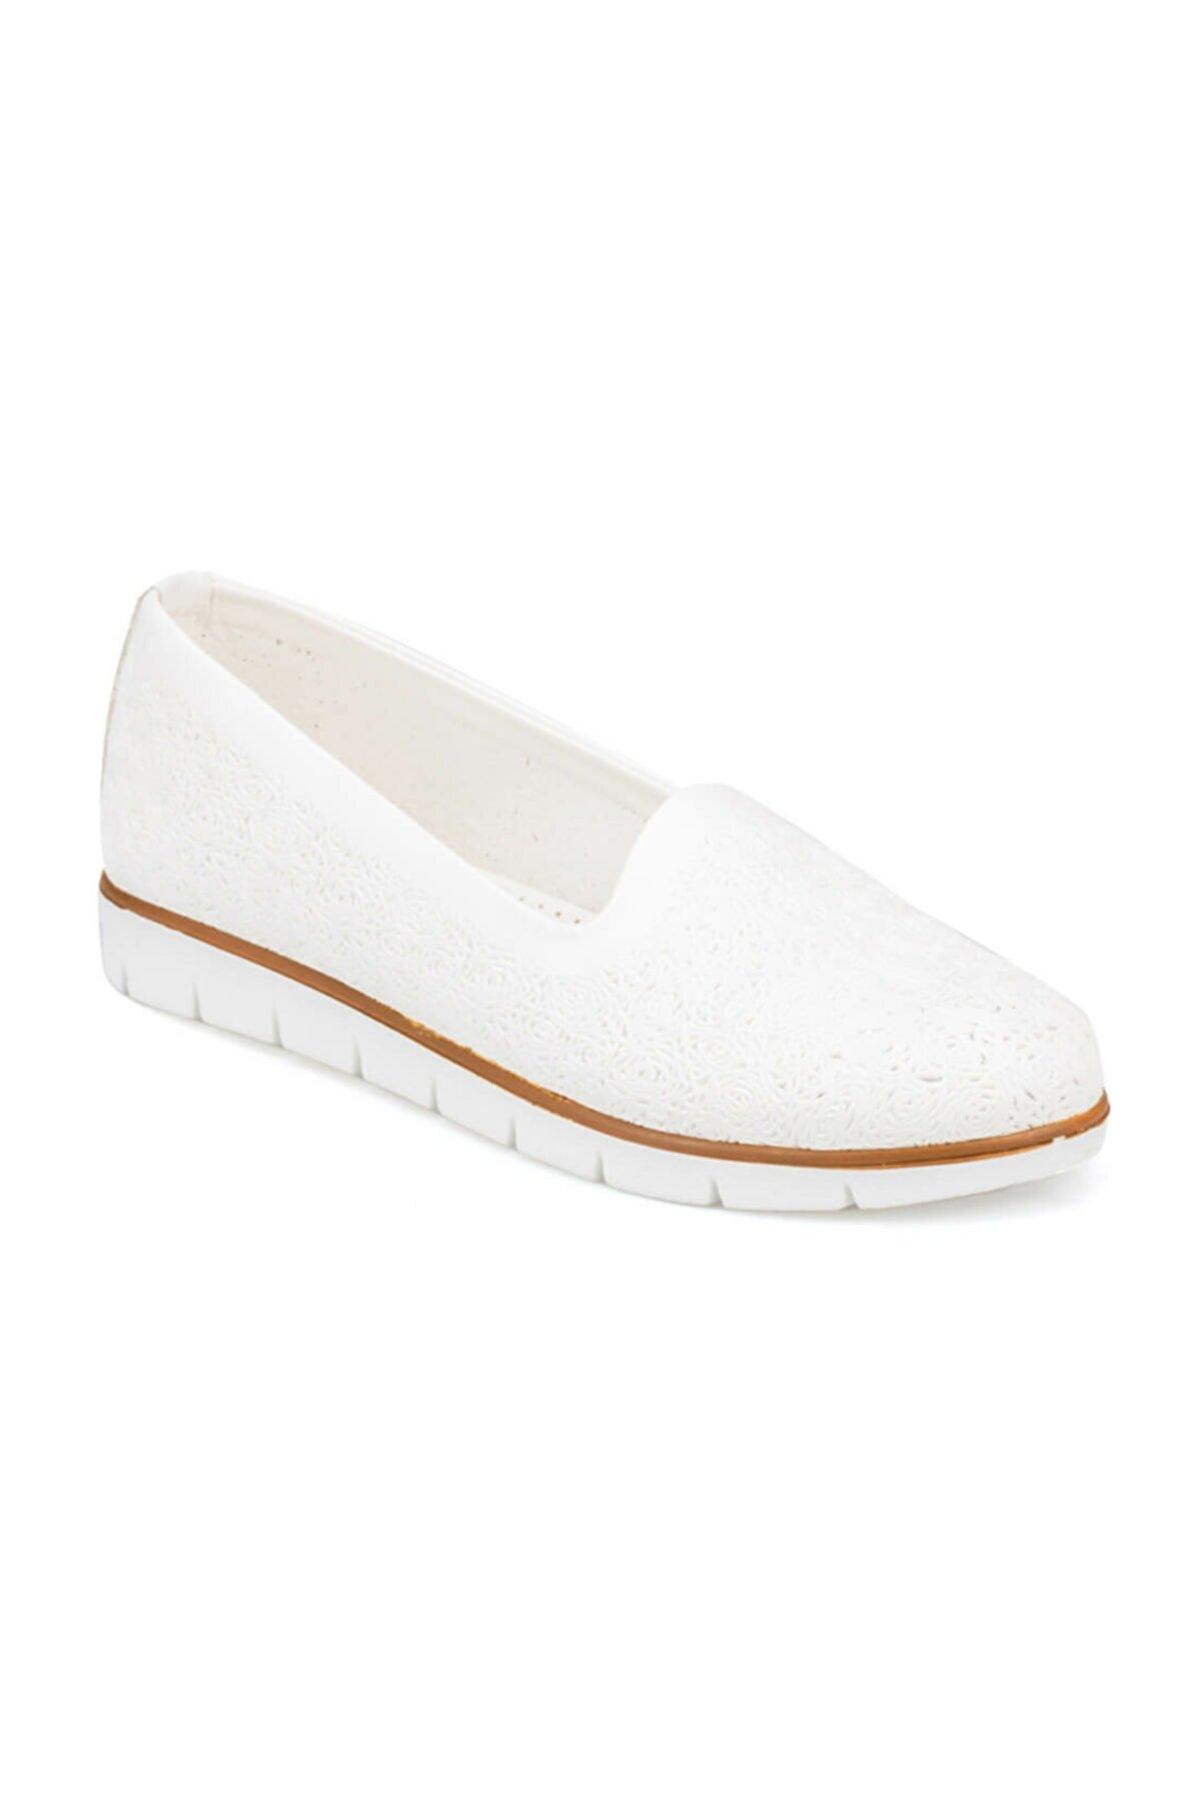 Polaris 91.150694.z Beyaz Kadın Ayakkabı 100375167